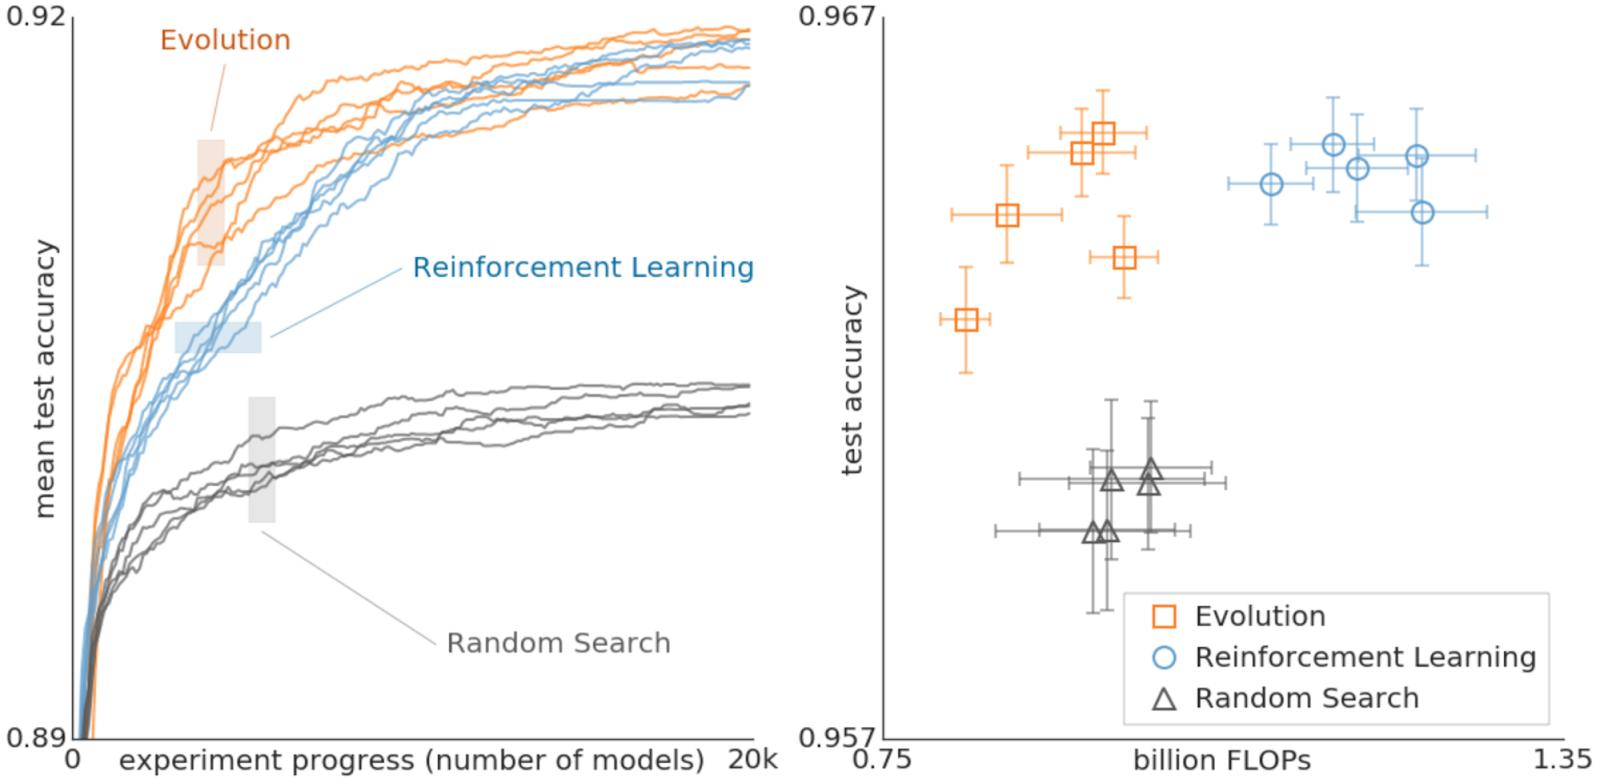 Google AI Blog: Using Evolutionary AutoML to Discover Neural Network